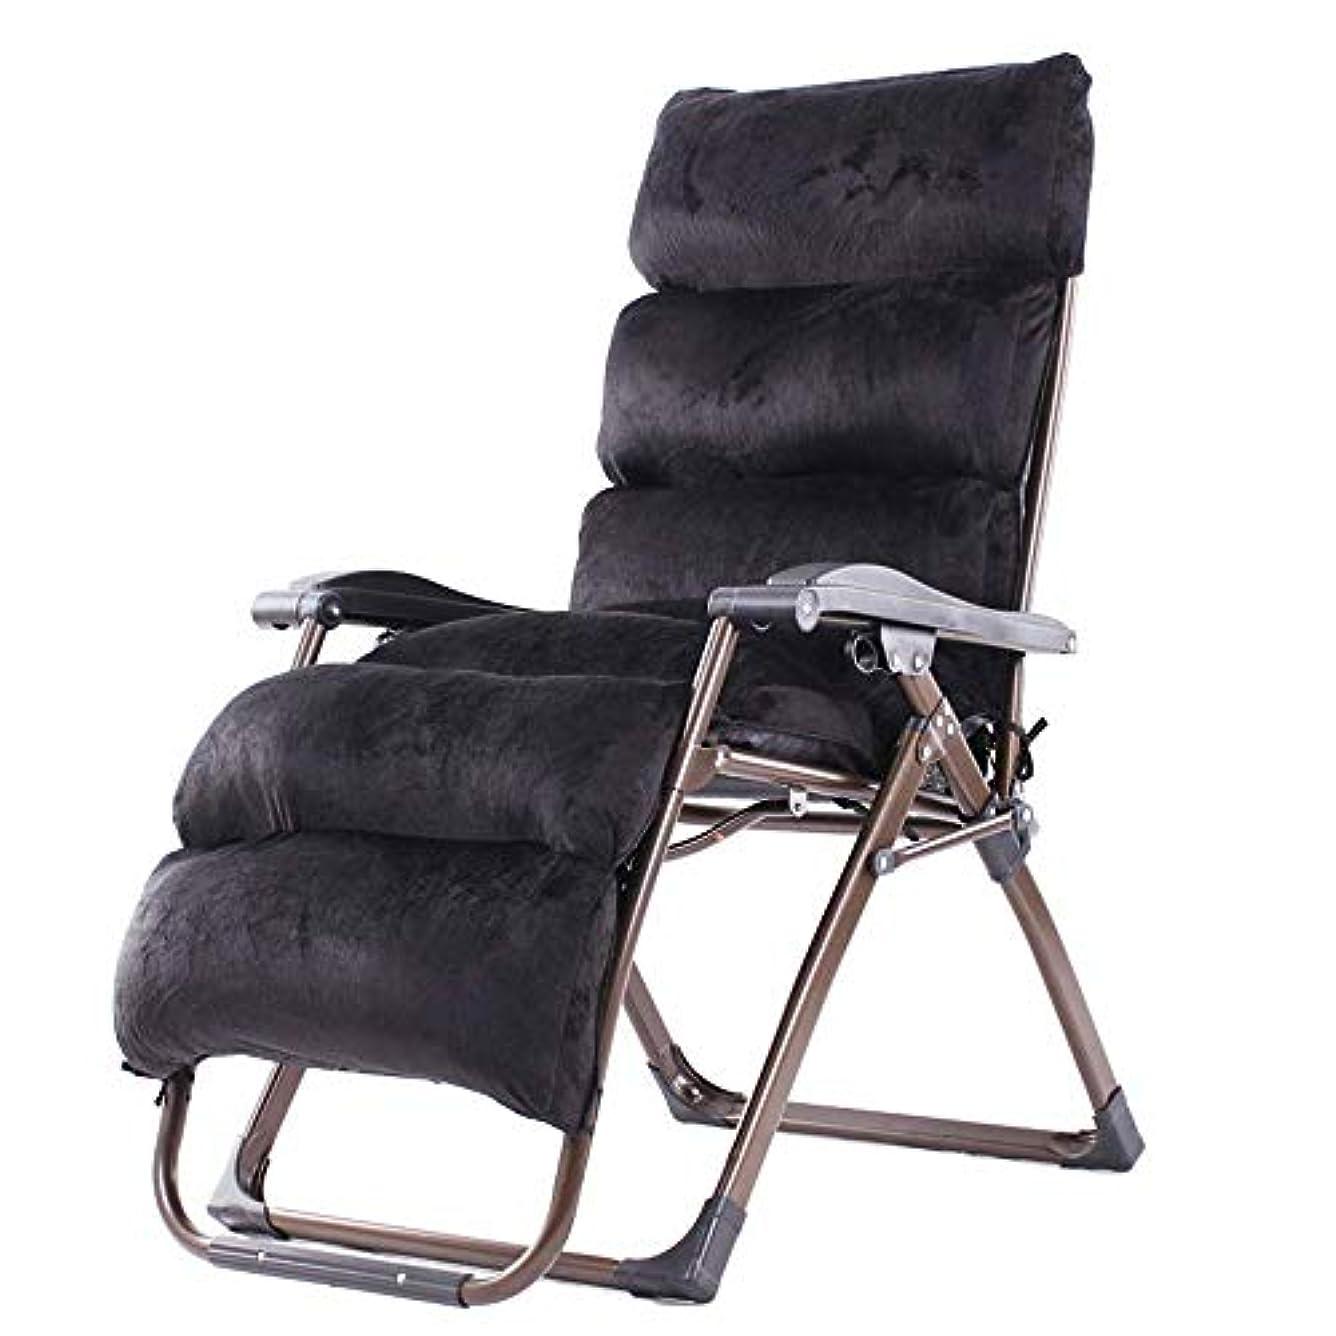 日付付き限られた南ラウンジチェア、ゼロ重力椅子屋外ラウンジパティオチェアクッション付き調節可能な折りたたみリクライニングチェア用デッキパティオビーチヤードサポート350ポンド黒